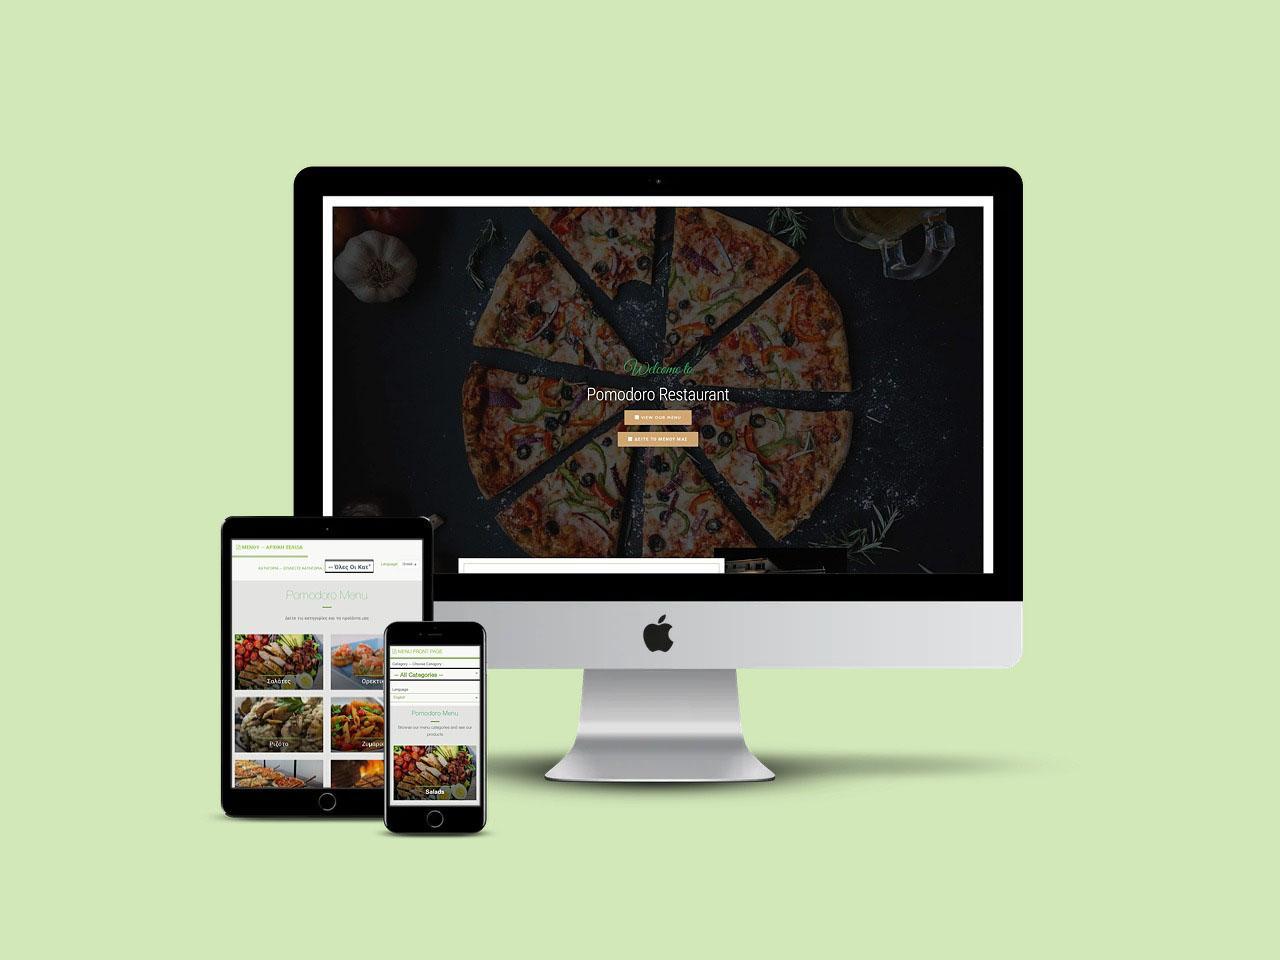 Ηλεκτρονικό Μενού Pomodoro Restaurant